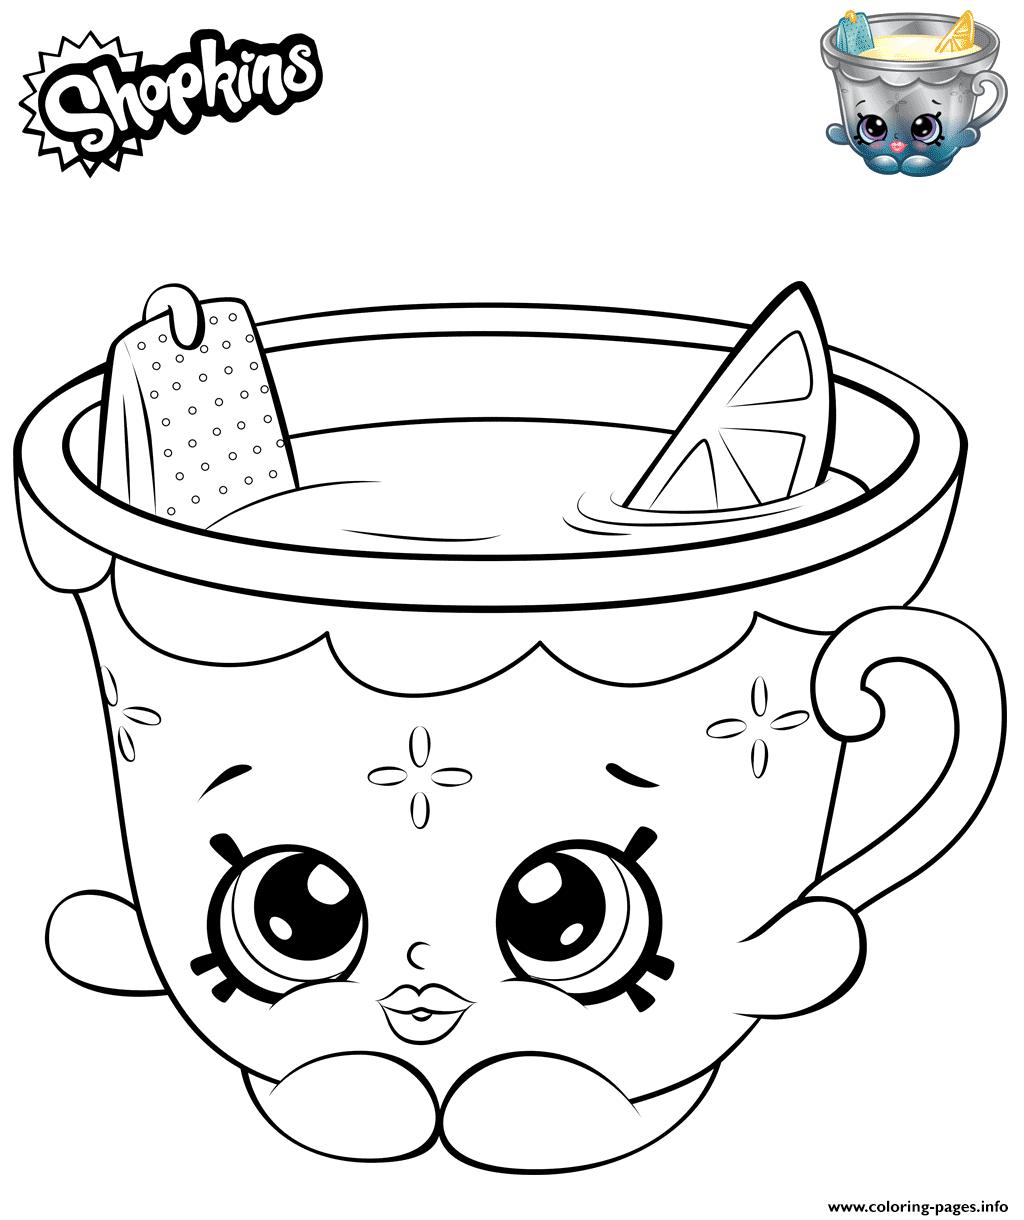 Print Honey Lemon Teacup Shopkins Coloring Pages